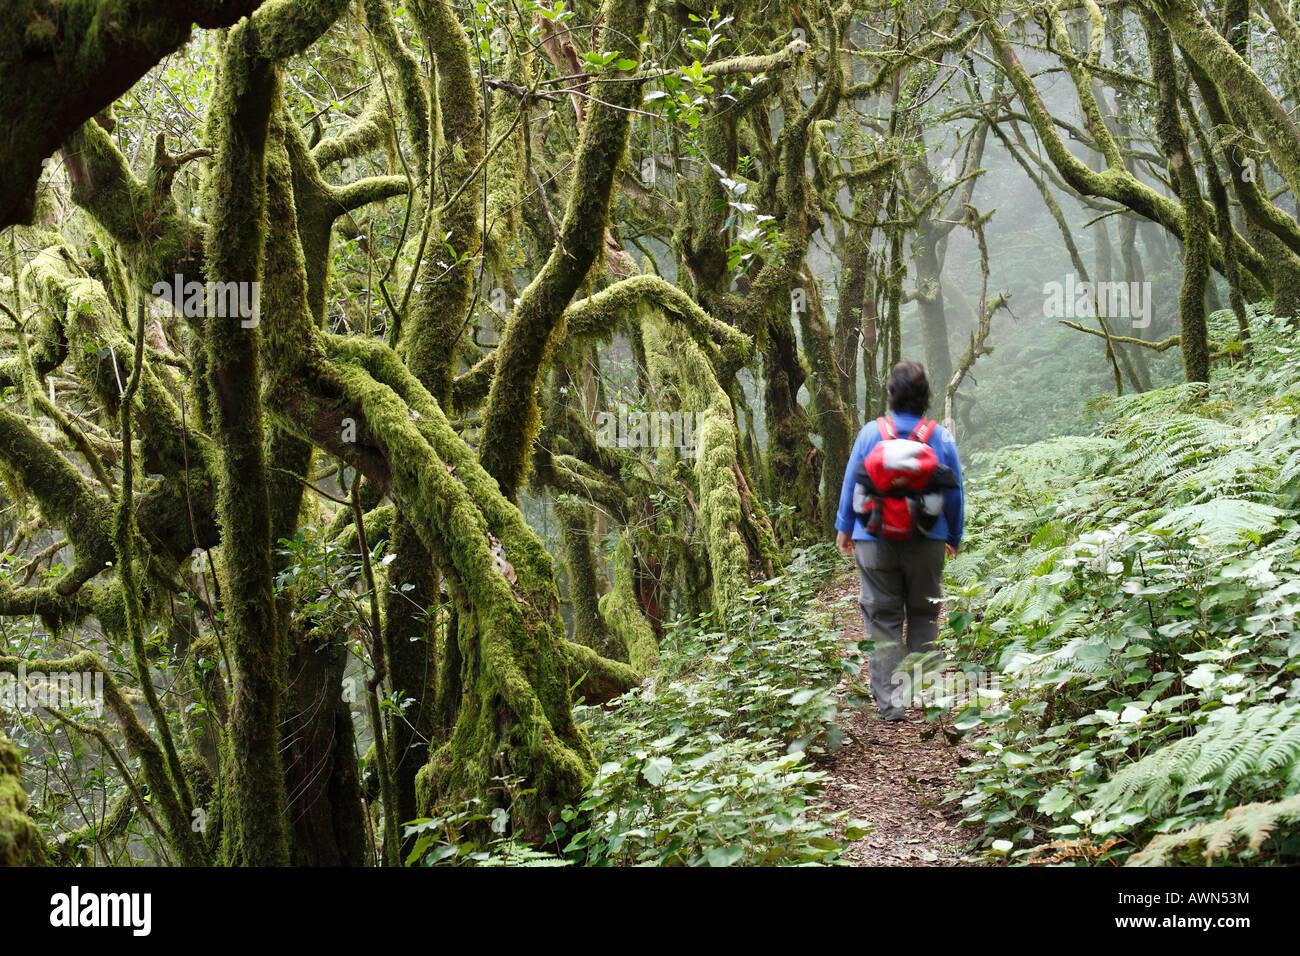 Femme de la randonnée à travers le Parc National de Garajonay, Laurel, la forêt laurisilva, La Gomera, Photo Stock